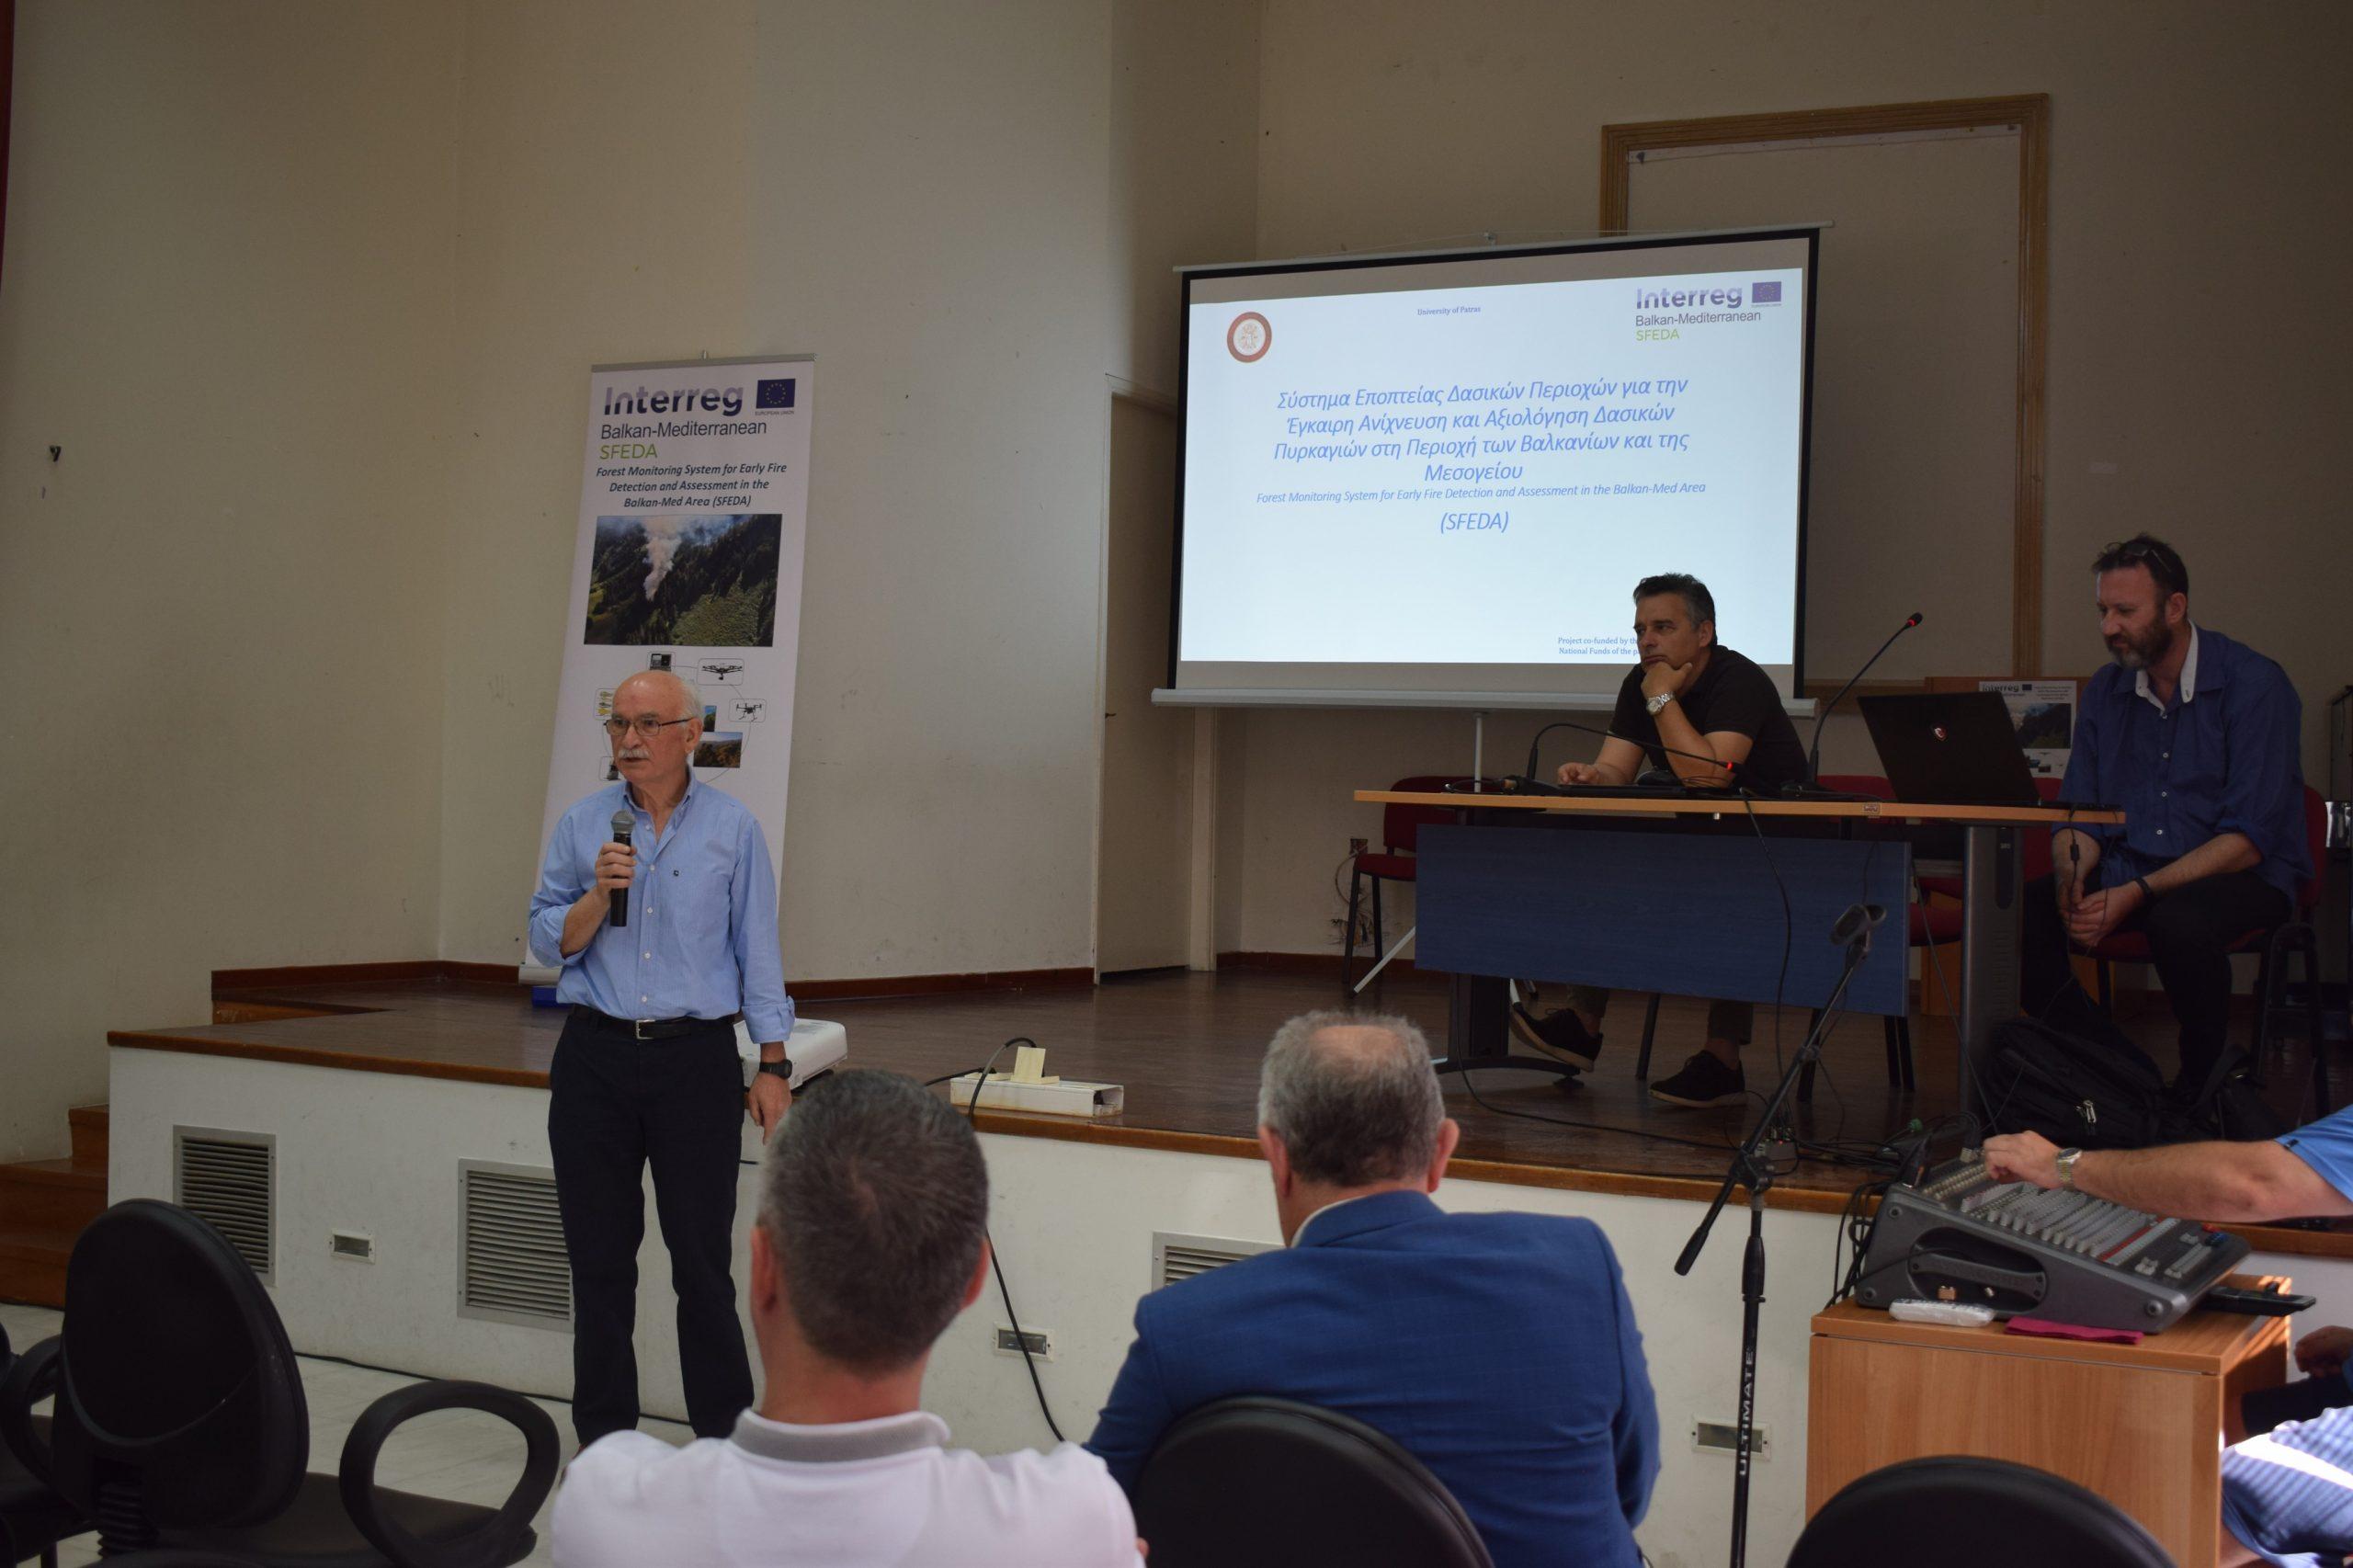 Δήμος Ανδραβίδας-Κυλλήνης: Έγκαιρη ανίχνευση των δασικών πυρκαγιών με τη χρήση drone και θερμικής κάμερας (photos)